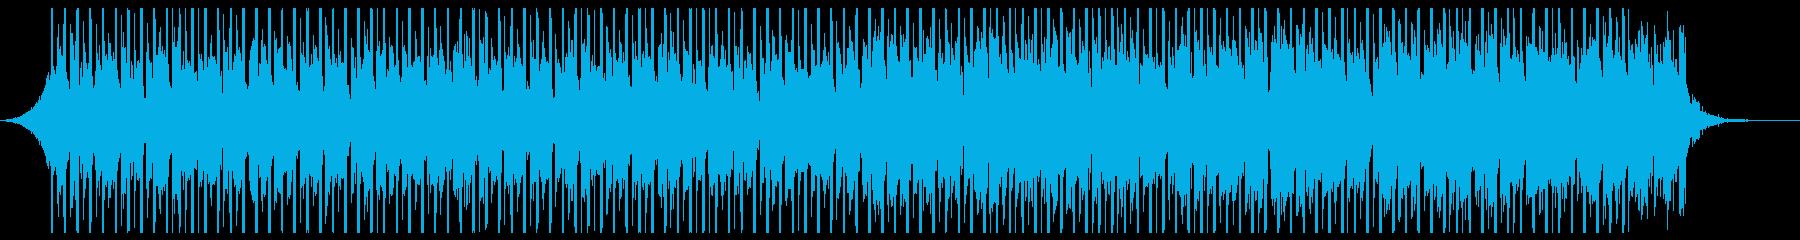 テクノロジーアップビート(60秒)の再生済みの波形